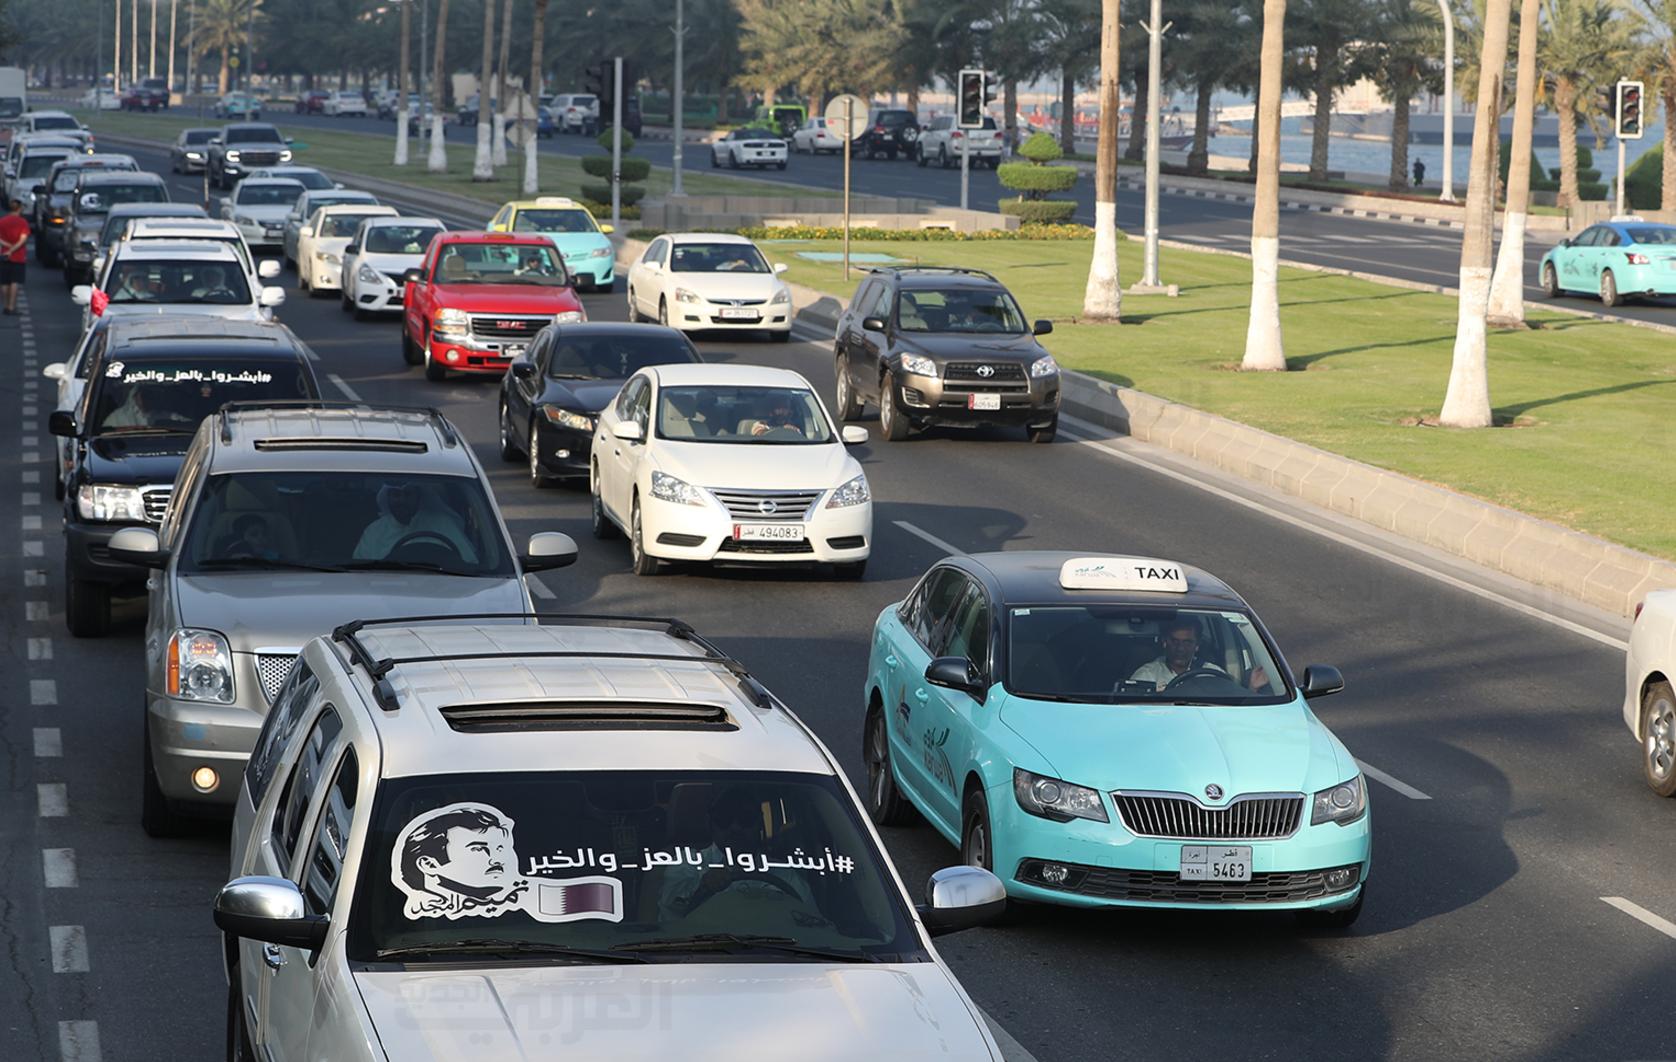 جزء من طريق كورنيش الدوحة سيتم إغلاقه يومي الجمعة و السبت